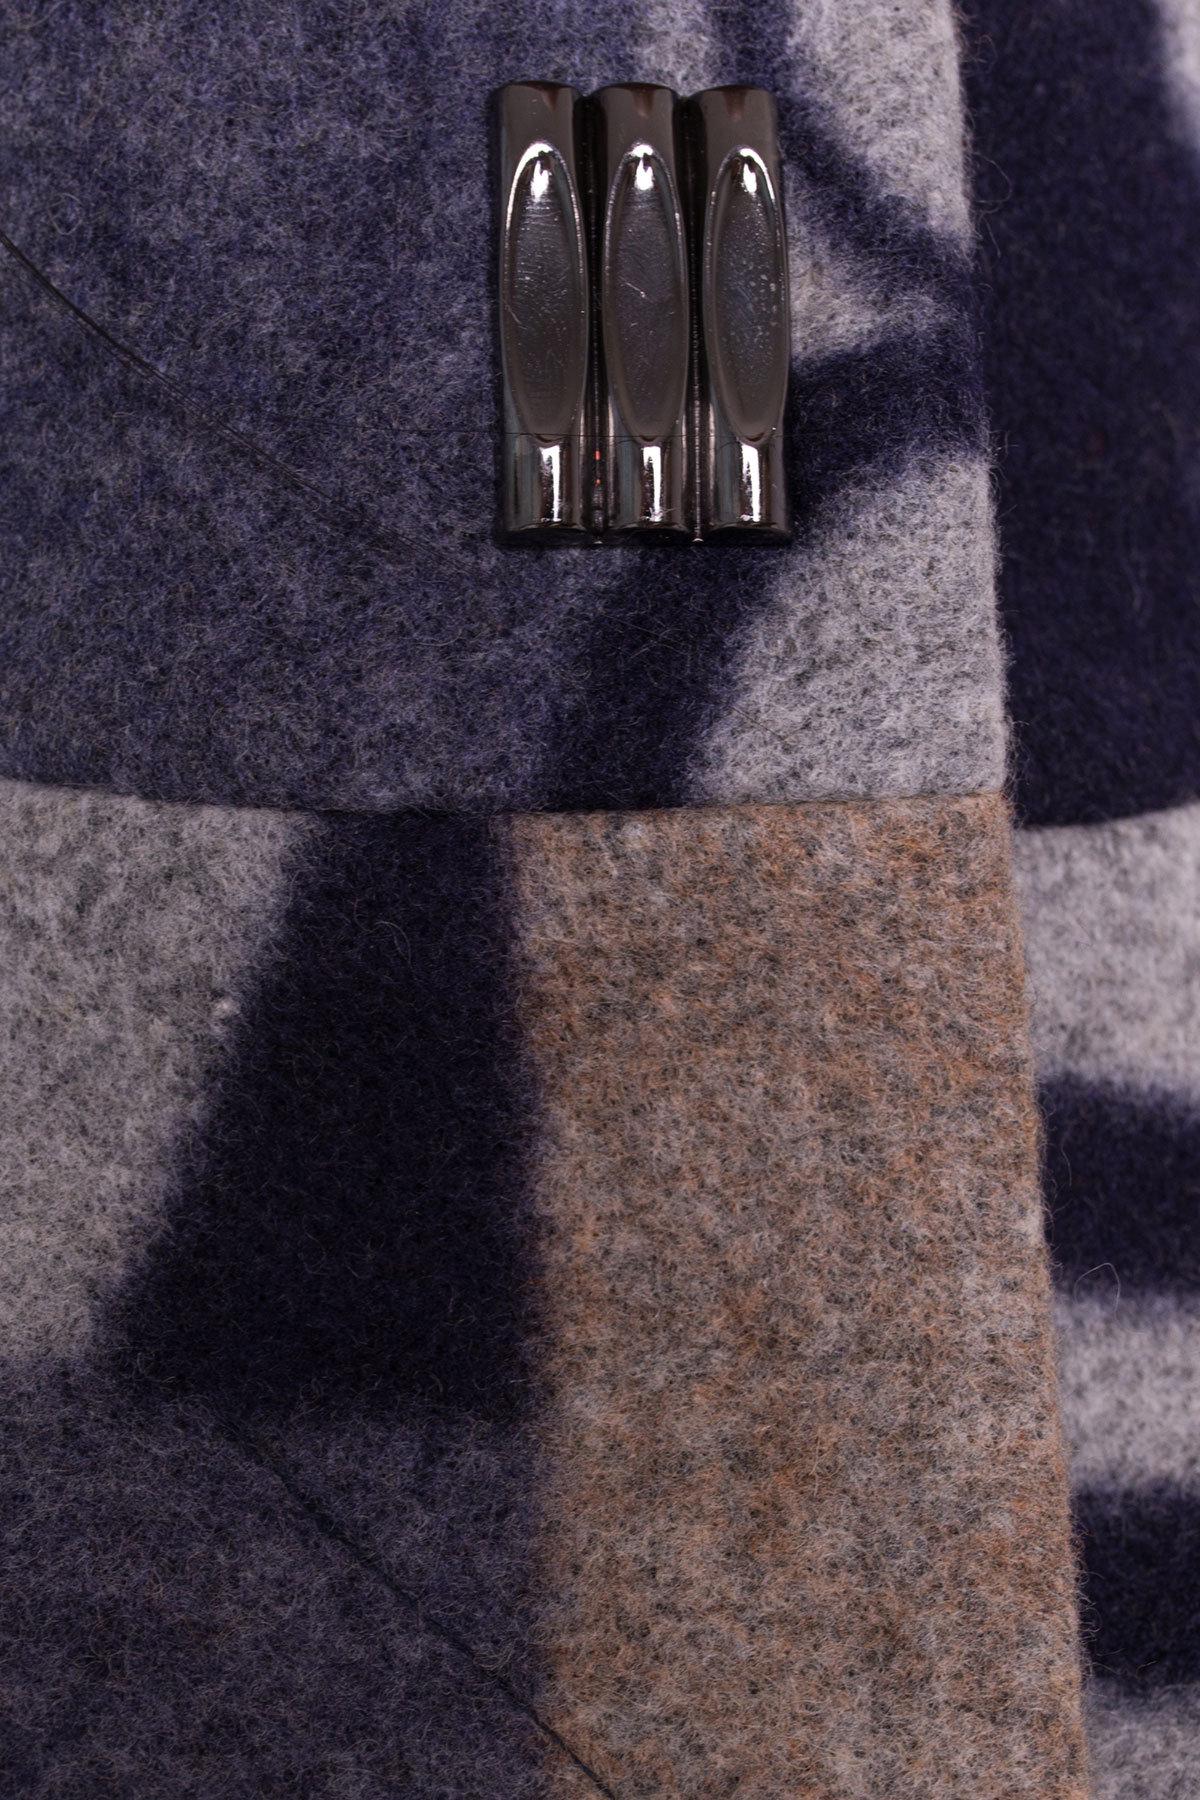 Пальто Луара 0505 АРТ. 6984 Цвет: Тёмно-синий/серый Буквы Д5/С2 - фото 4, интернет магазин tm-modus.ru